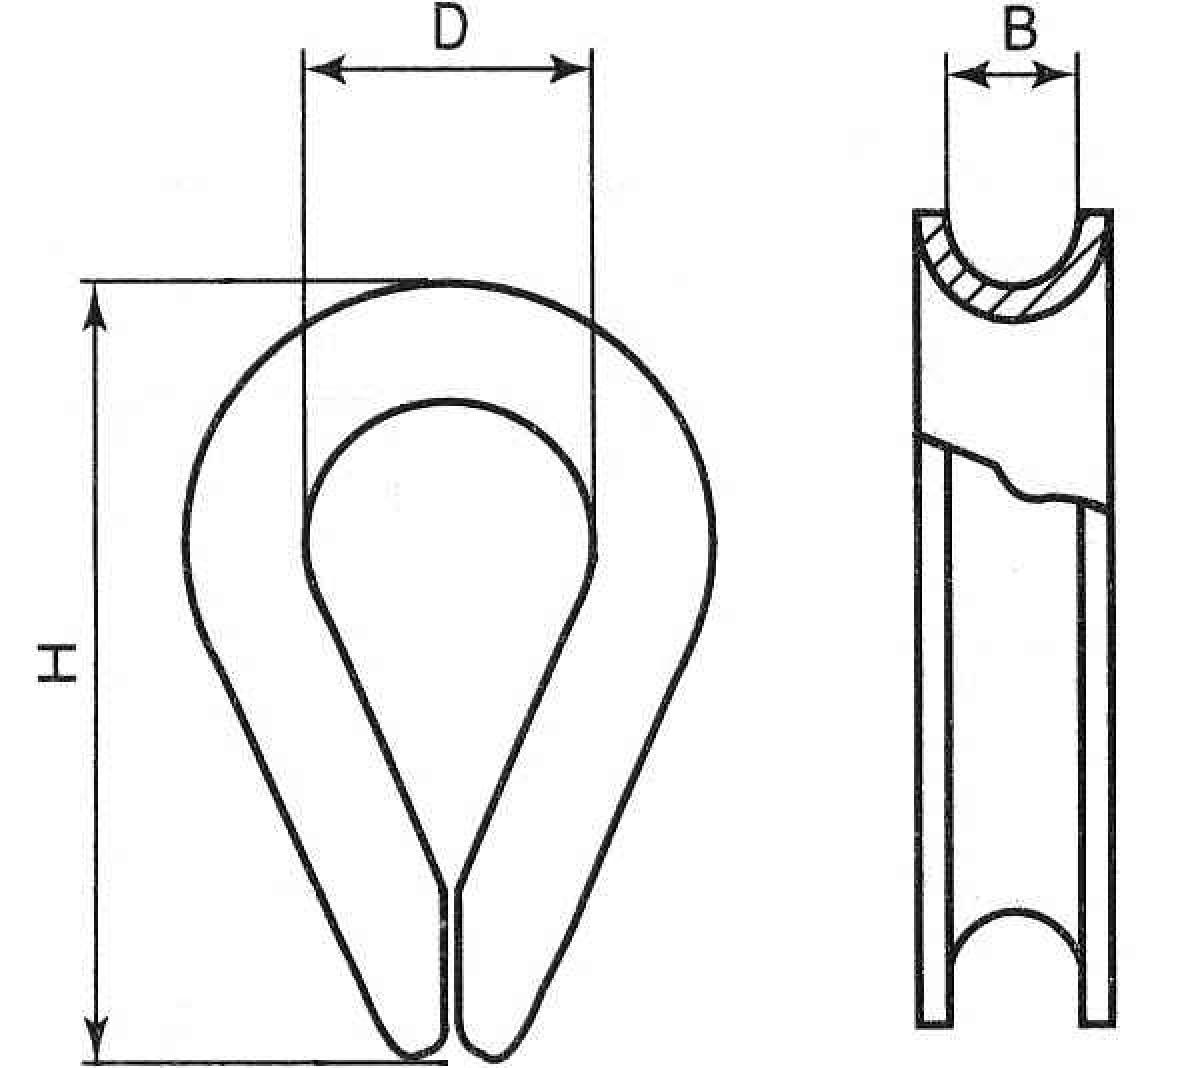 kauschen 16mm drahtseil kausche seil se seil mit se. Black Bedroom Furniture Sets. Home Design Ideas